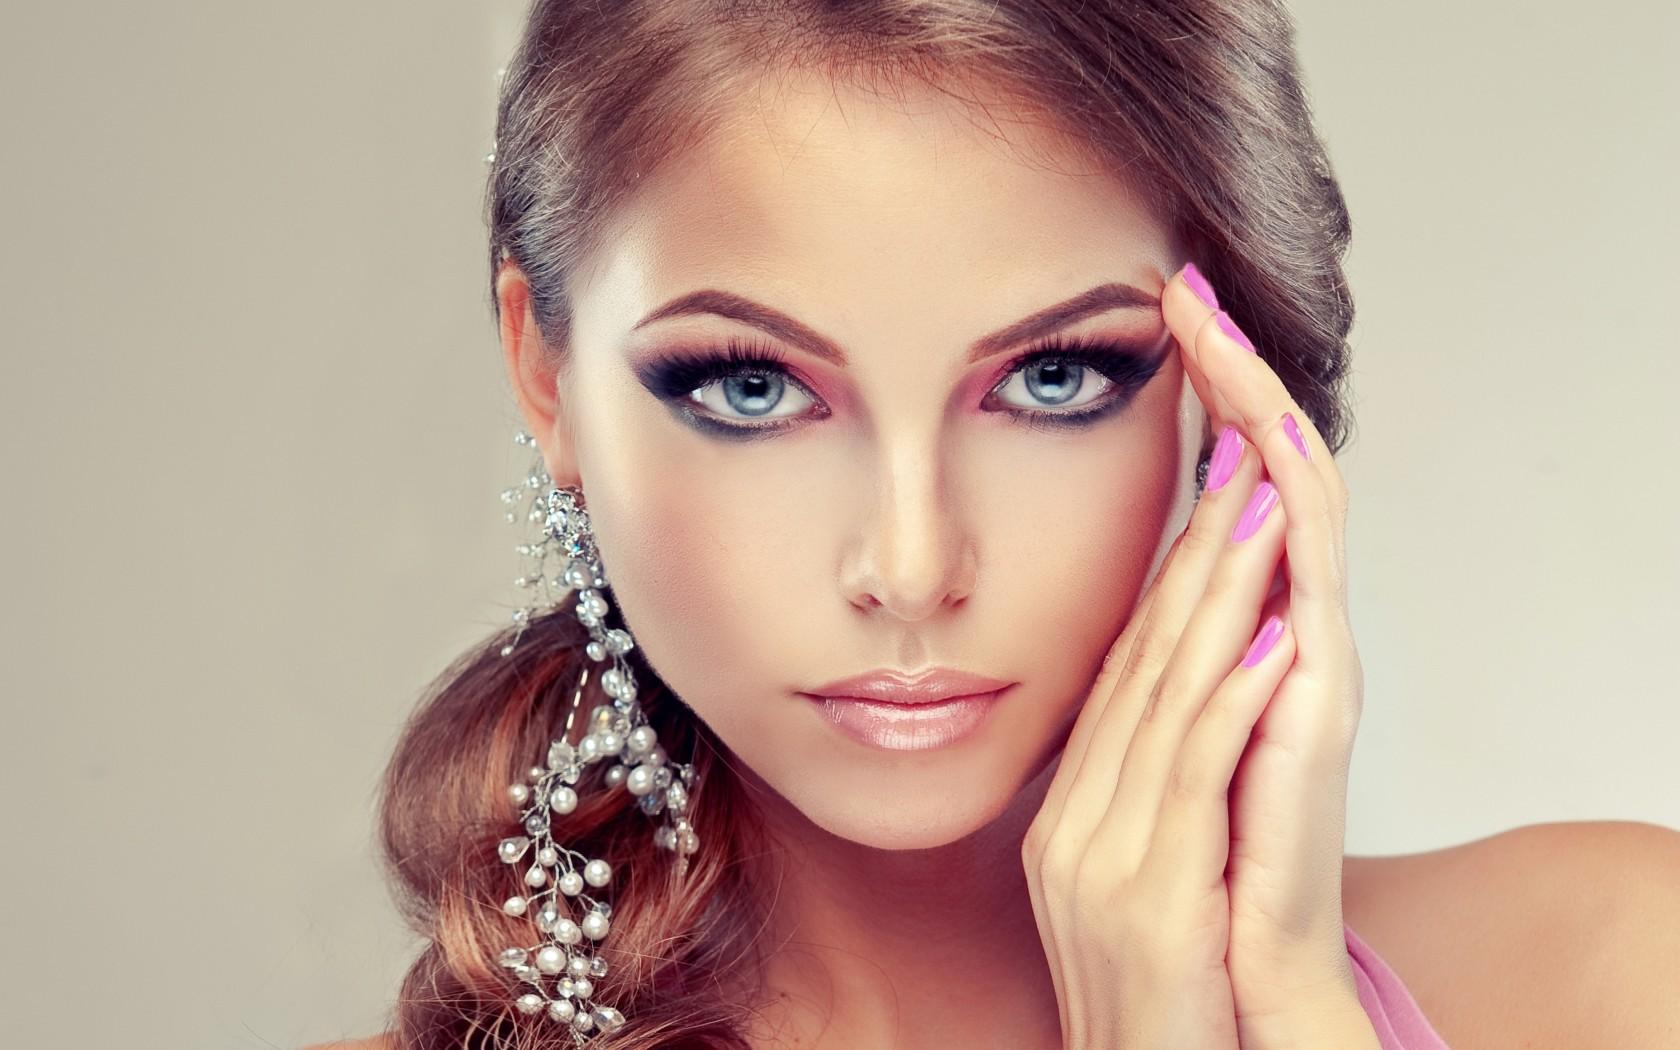 Самая красивая девушка в косметике